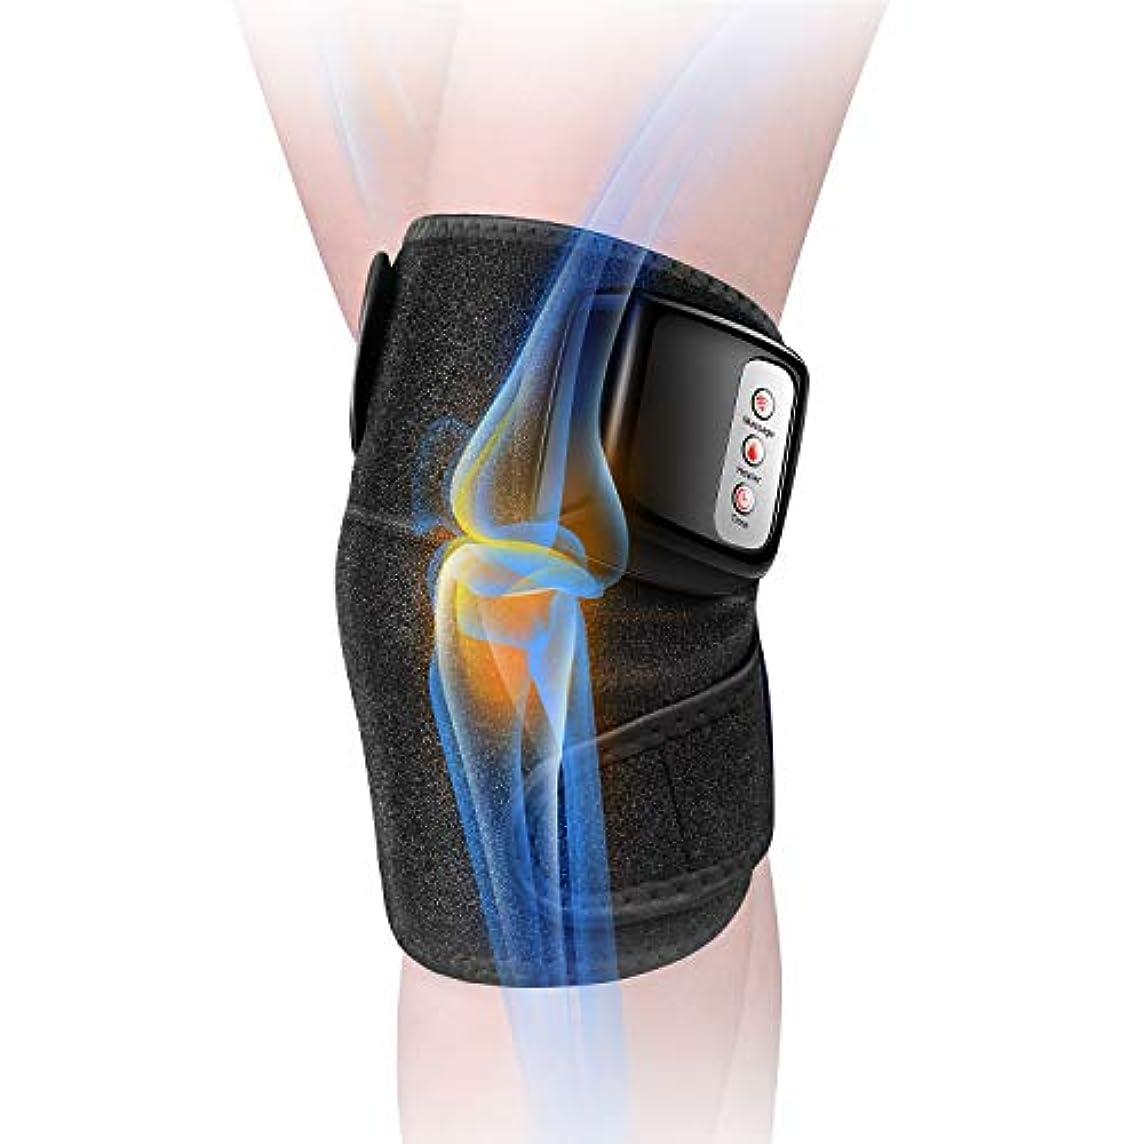 辛い成果結婚膝マッサージャー 関節マッサージャー マッサージ器 フットマッサージャー 振動 赤外線療法 温熱療法 膝サポーター ストレス解消 肩 太もも/腕対応